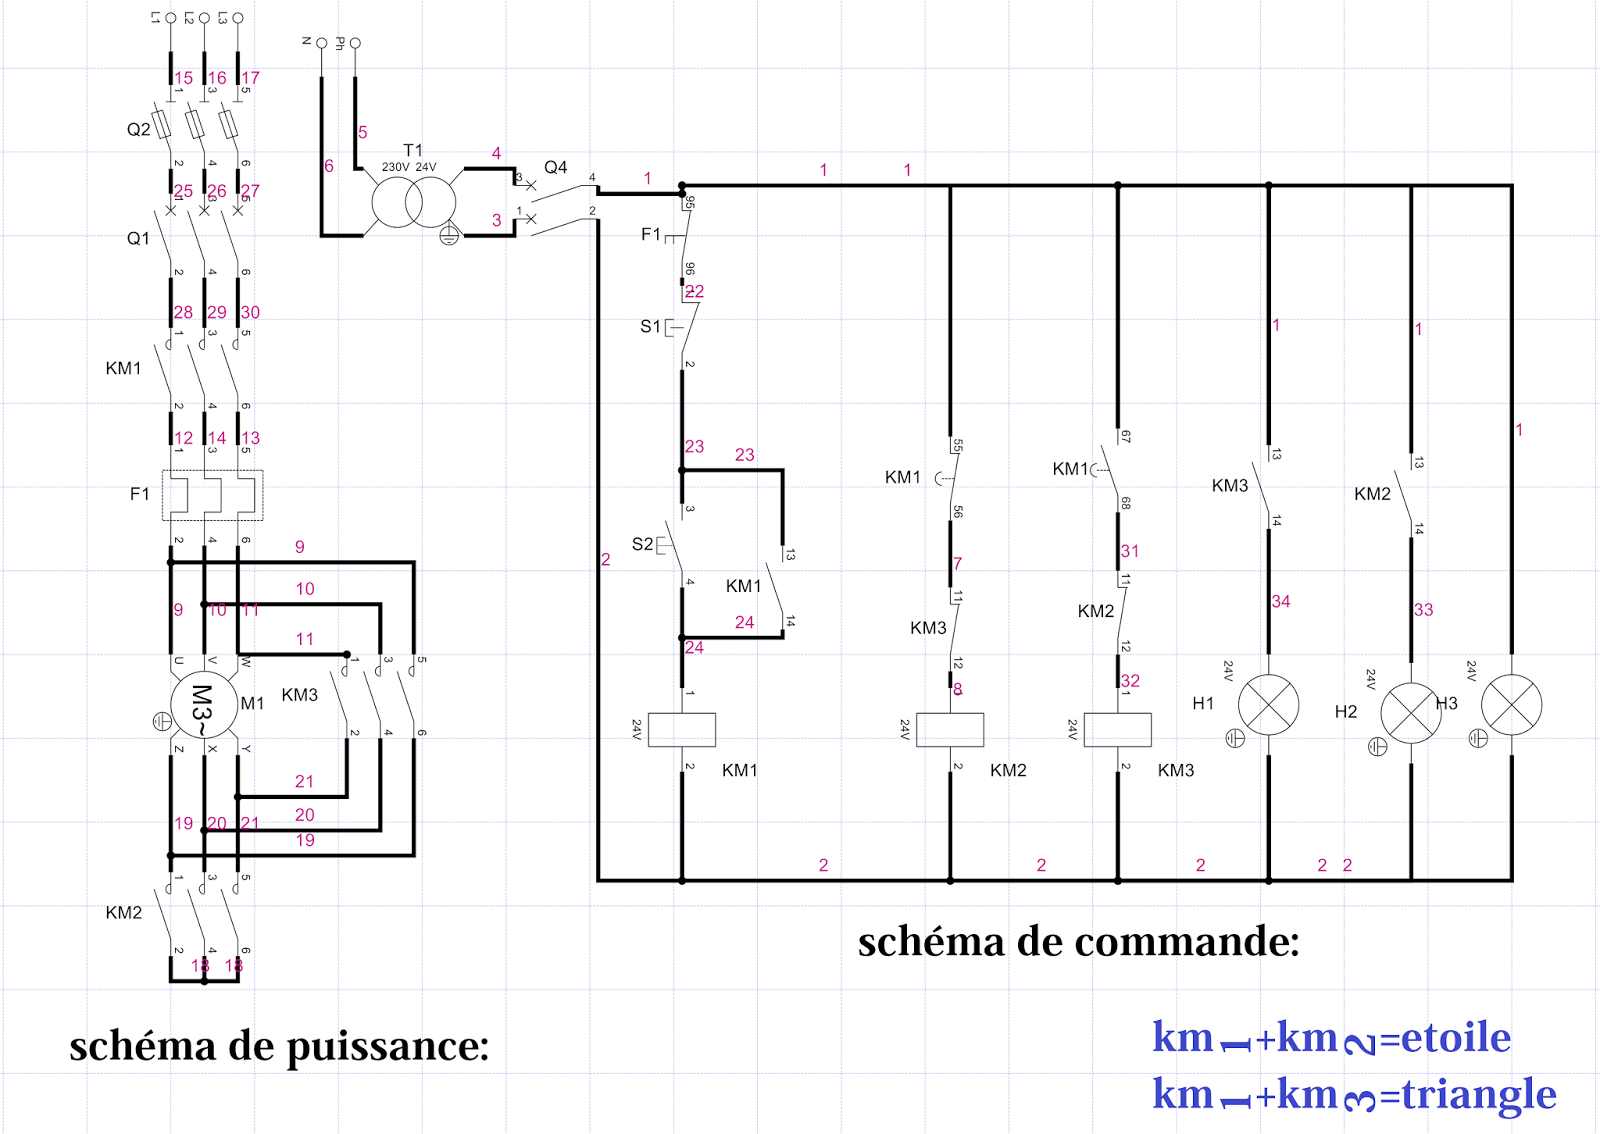 schema demarrage etoile triangle pdf